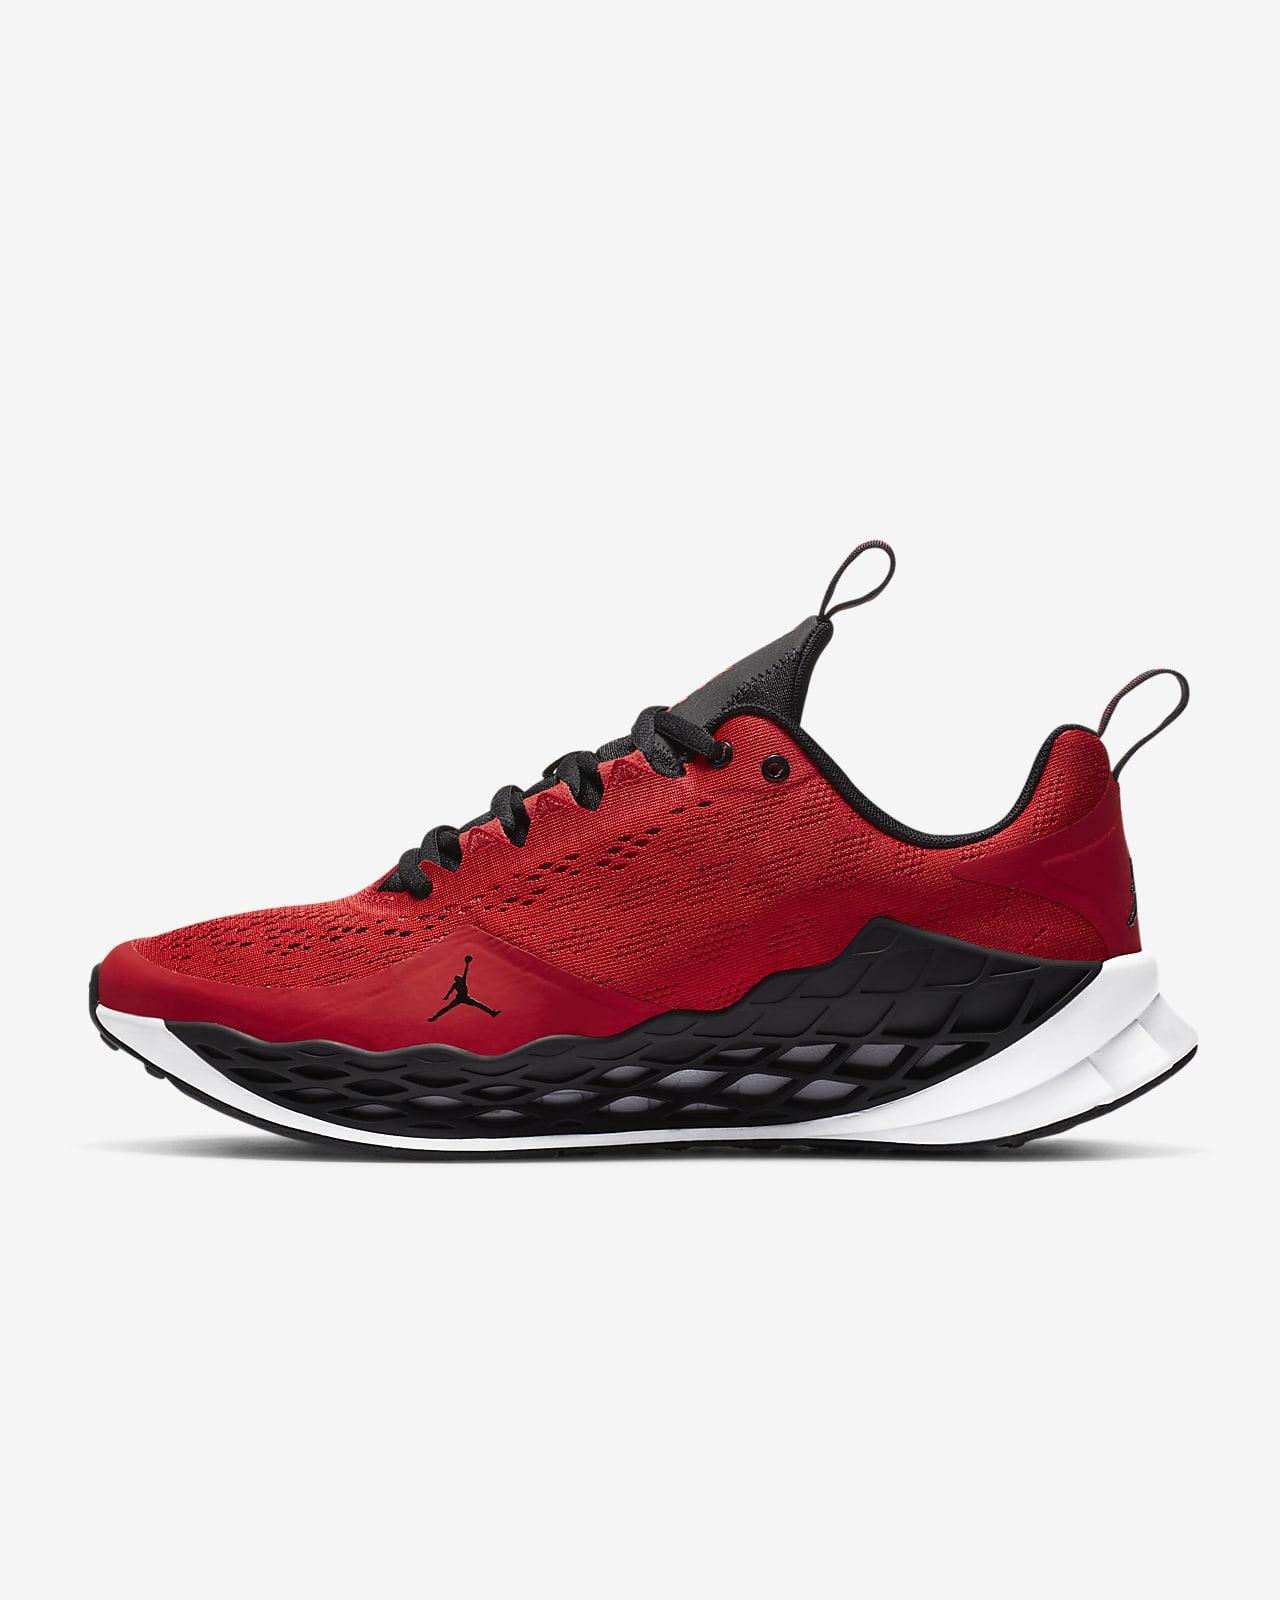 รองเท้าเทรนนิ่ง Jordan Zoom Trunner Advance